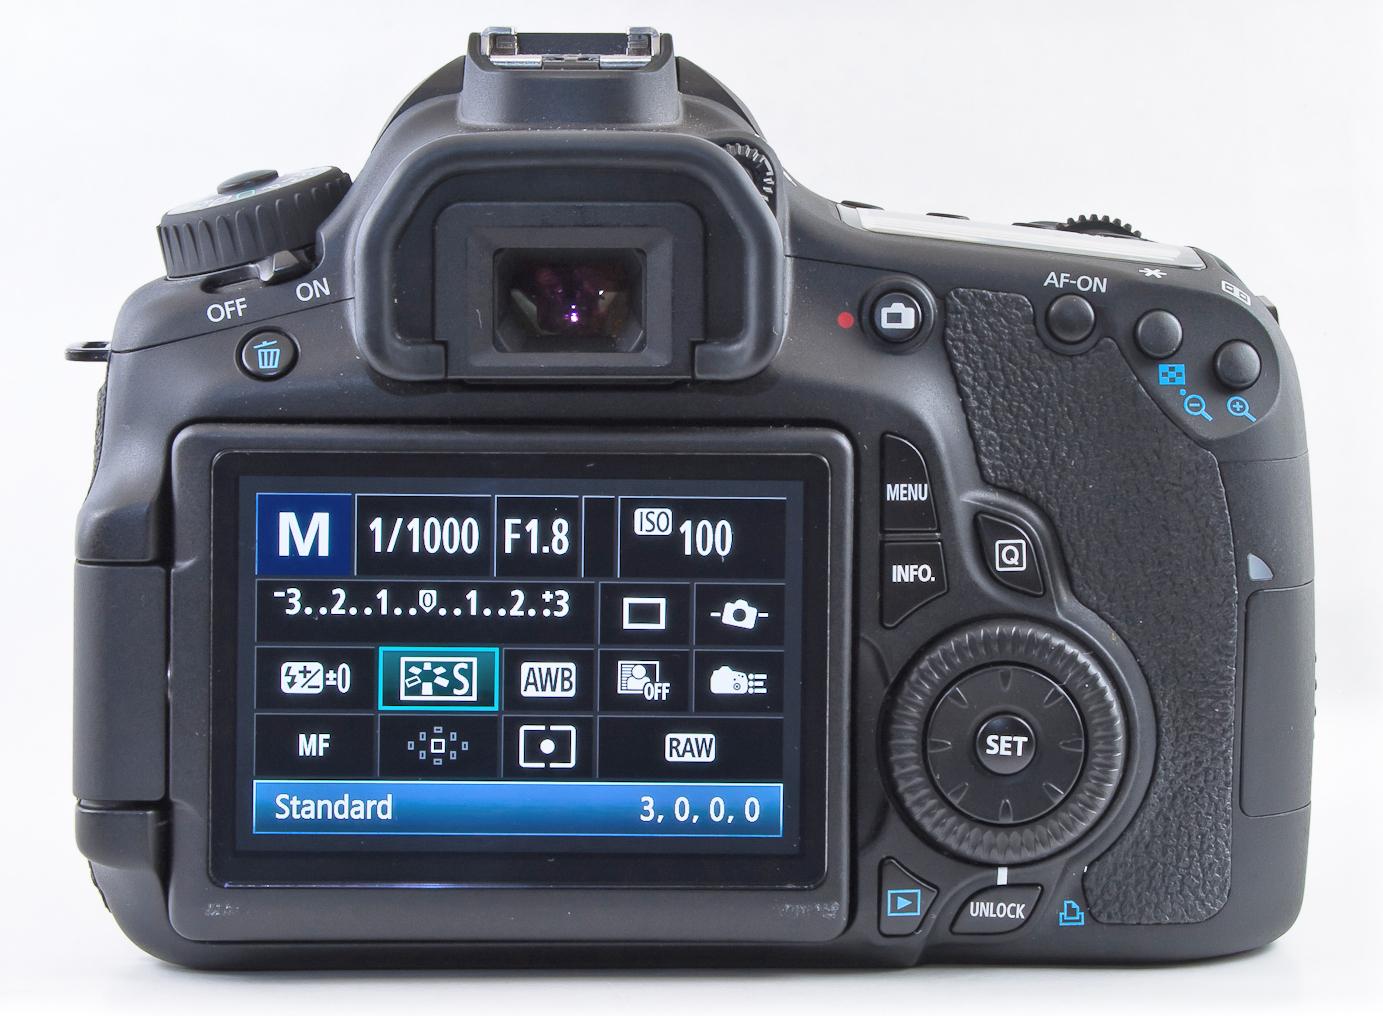 Camera Canon Dslr Camera 60d economic research canon 60d research